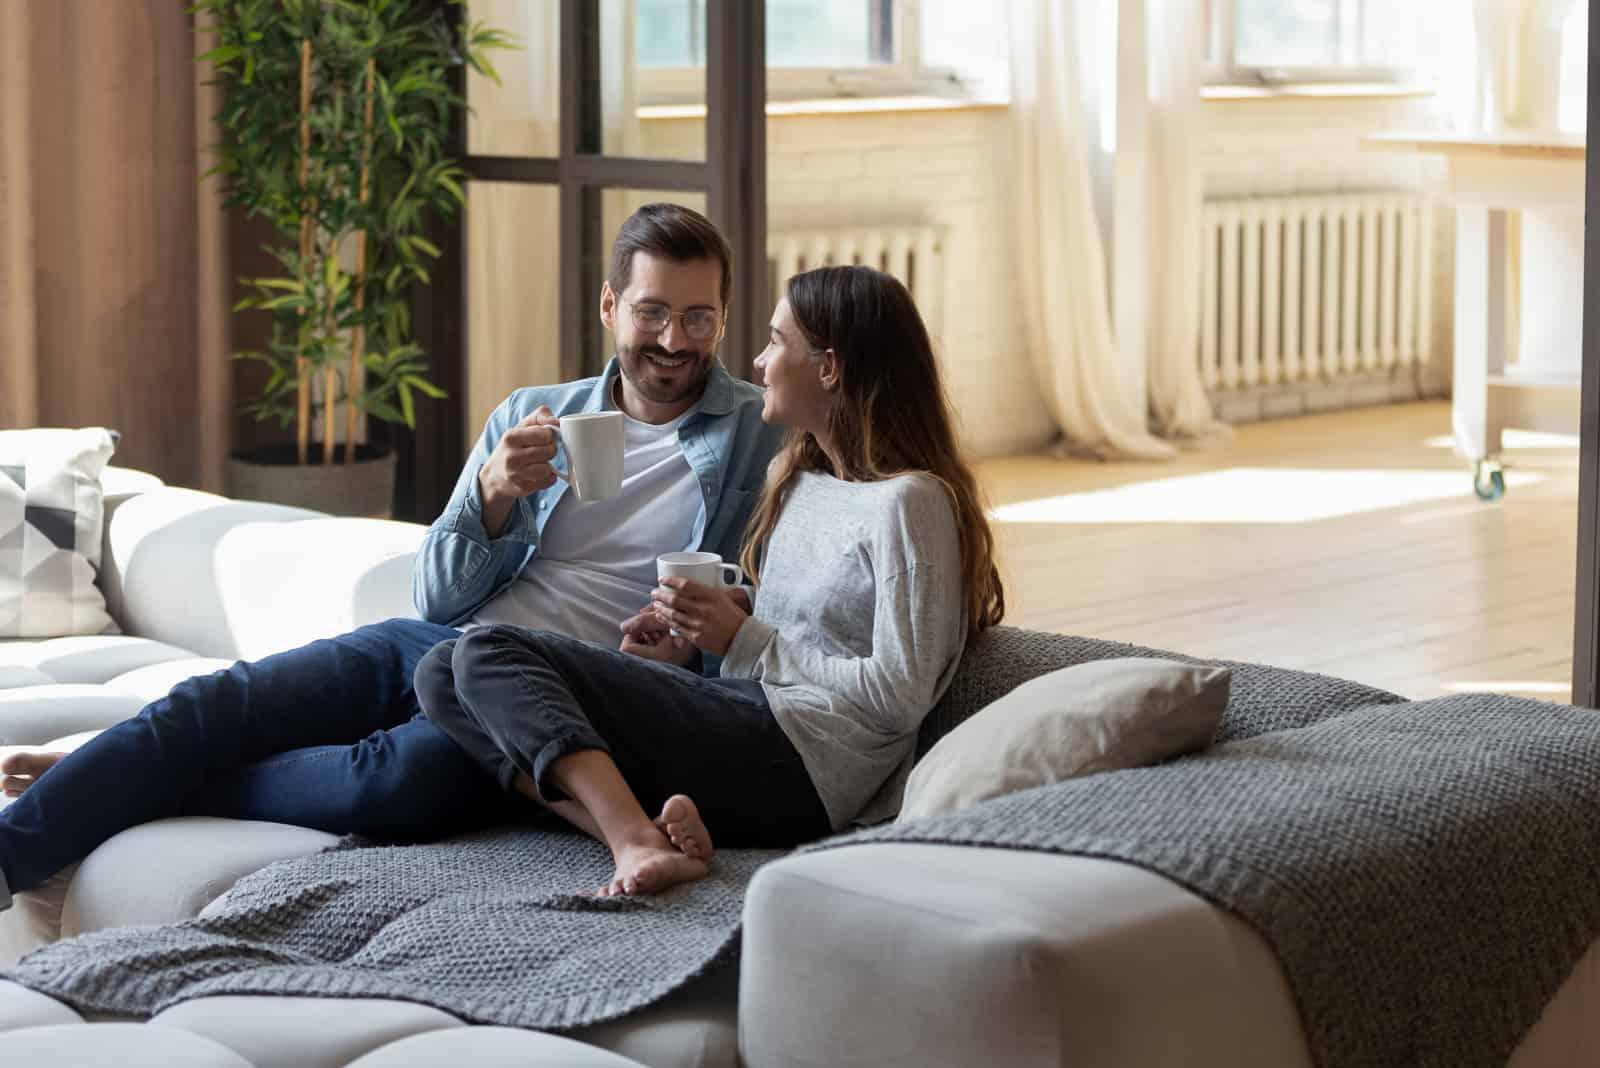 Liebespaar entspannt auf gemütlichem Sofa im Wohnzimmer